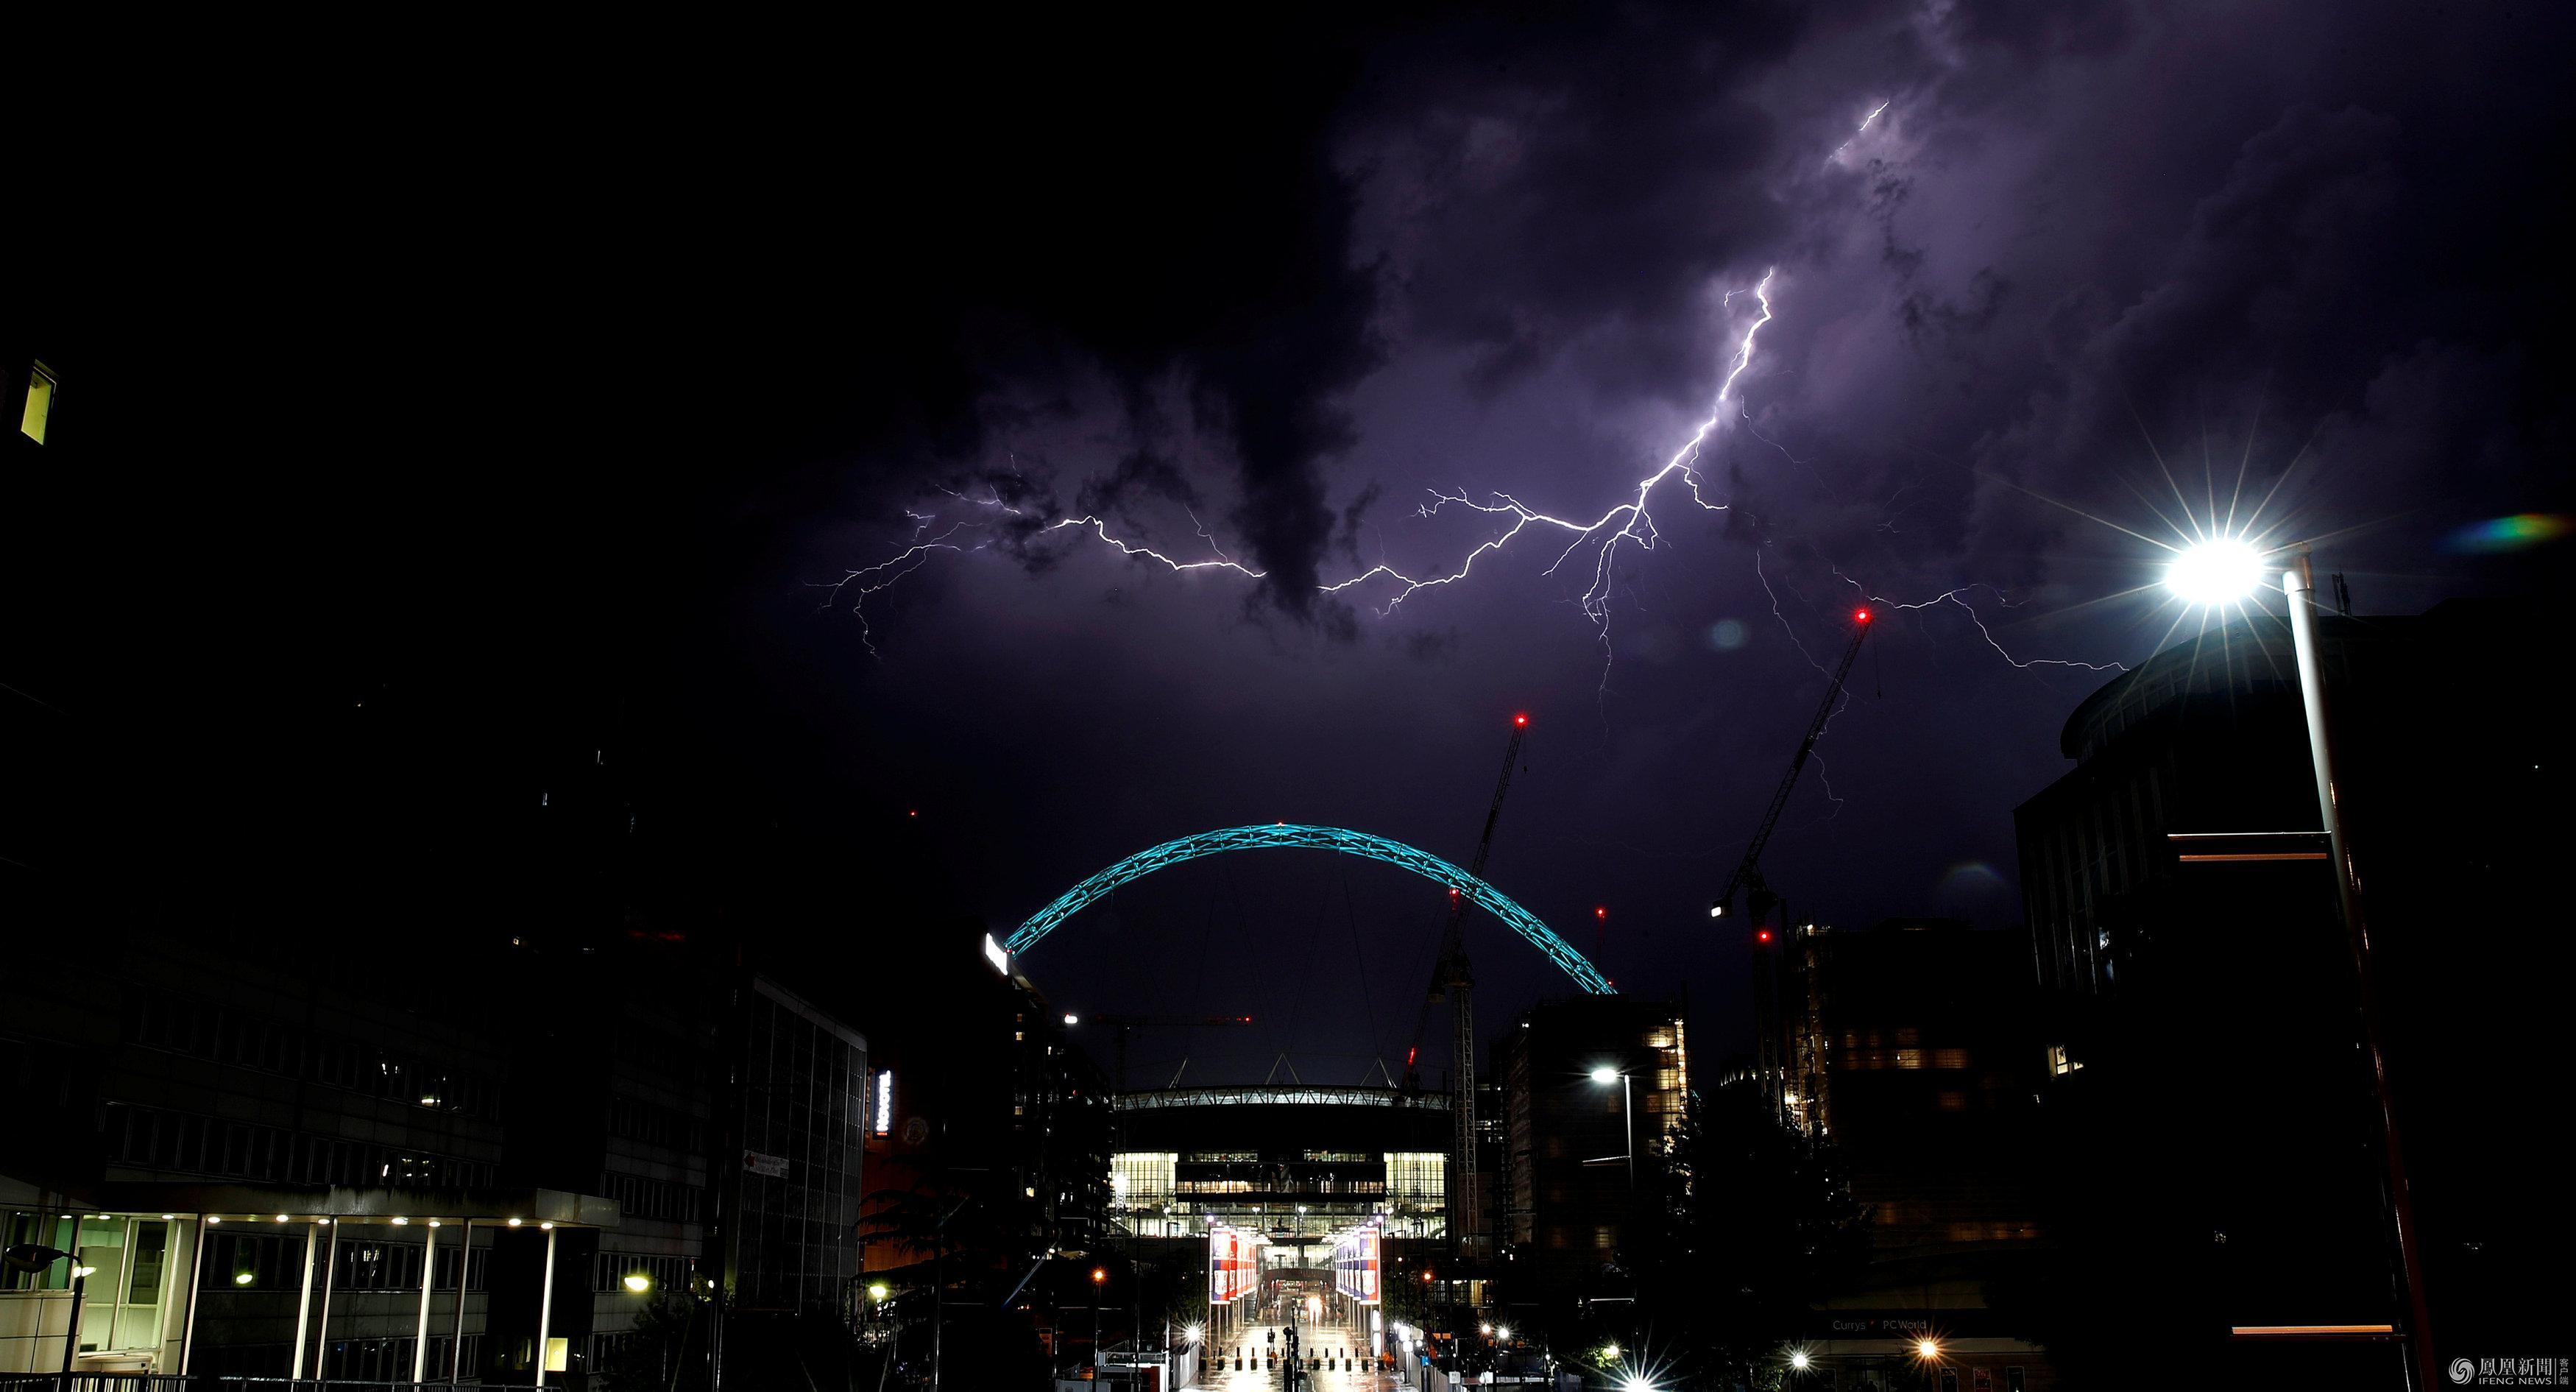 闪电降价只凤凰资讯_罕见雷暴袭击英国,一晚上6万次闪电_资讯频道_凤凰网